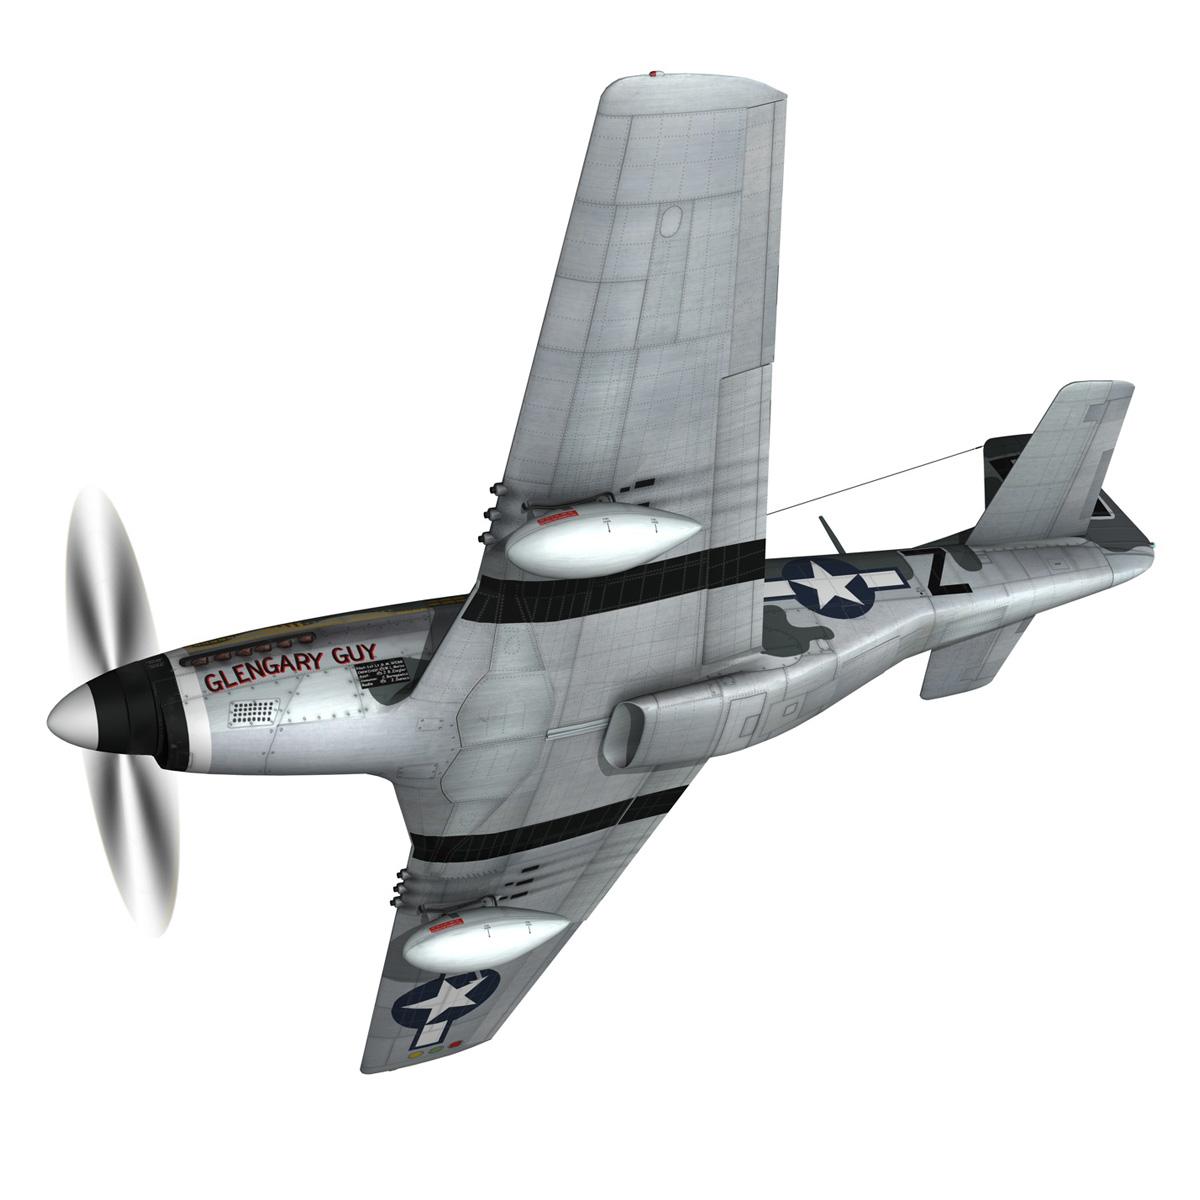 north american p-51d mustang – glengary guy 3d model fbx c4d lwo obj 267518